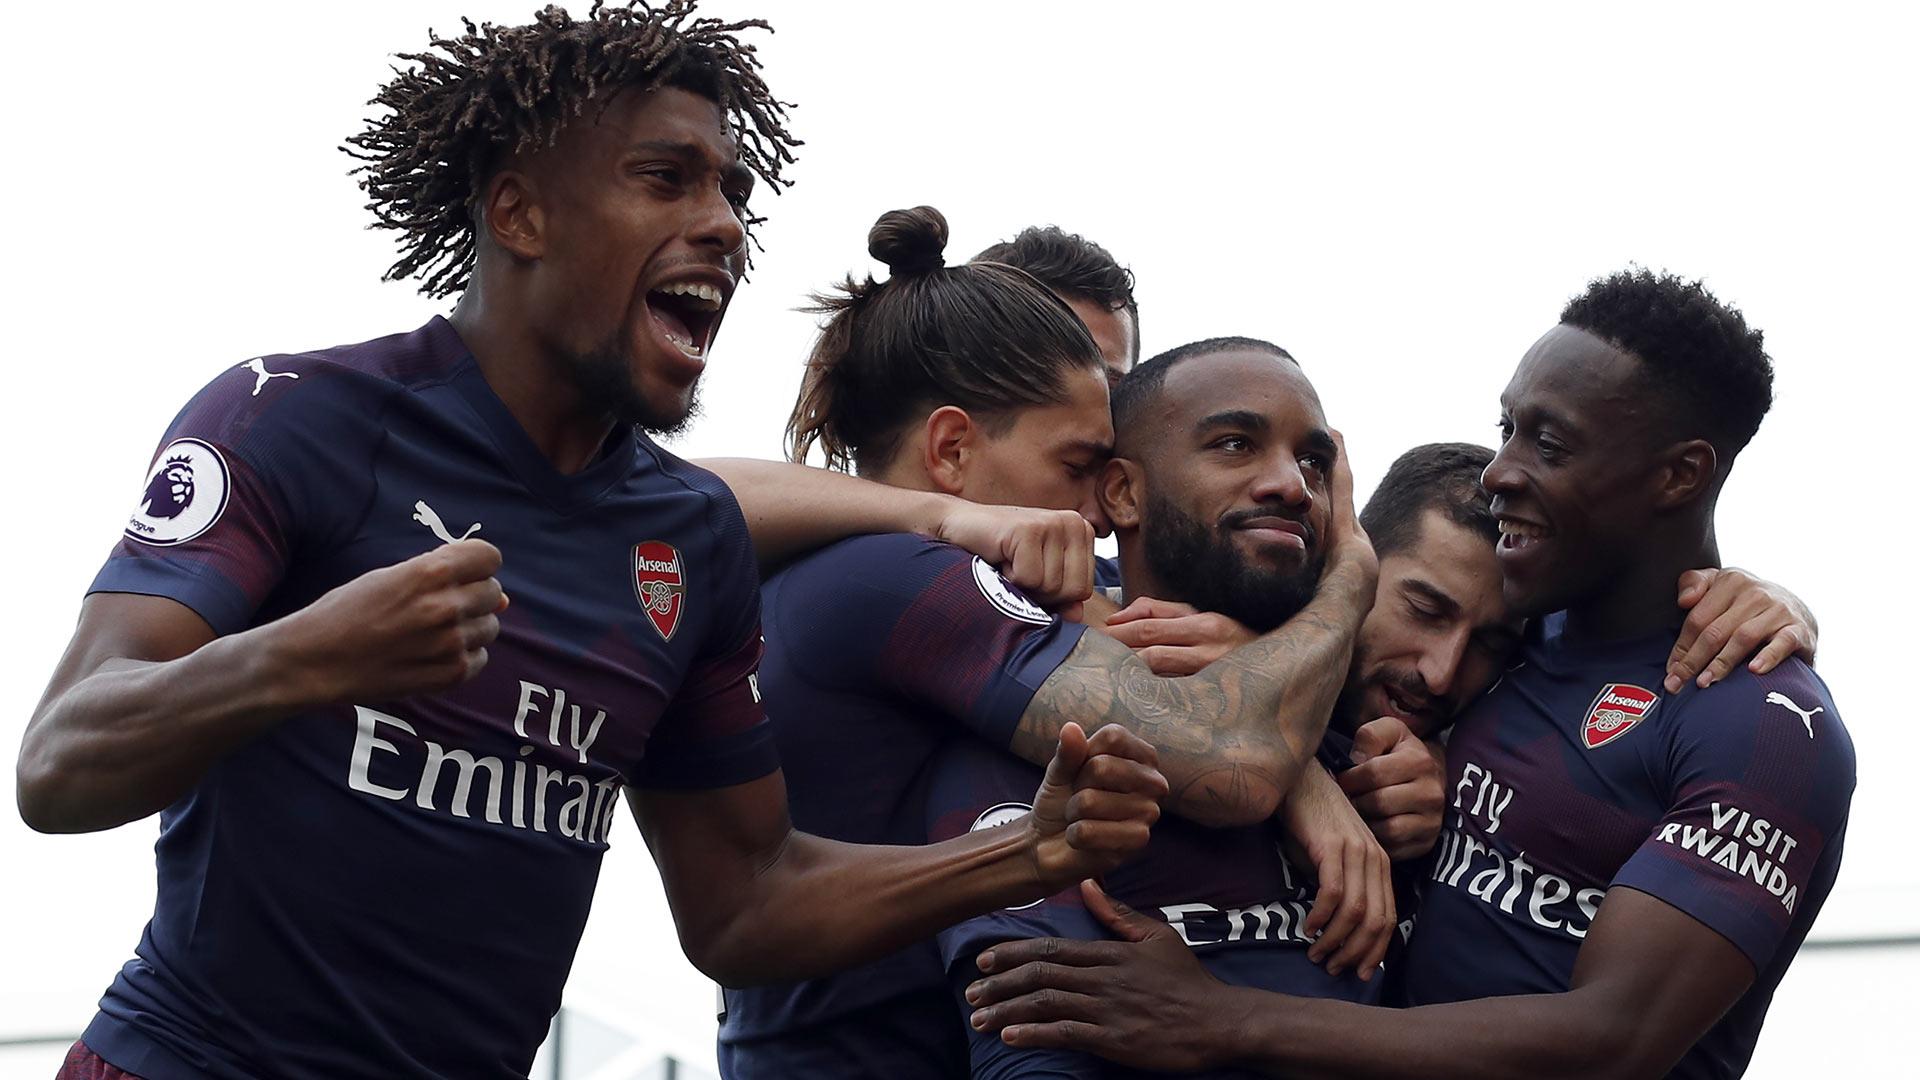 Angleterre : Adidas redevient l'équipementier d'Arsenal pour 68M€ par an